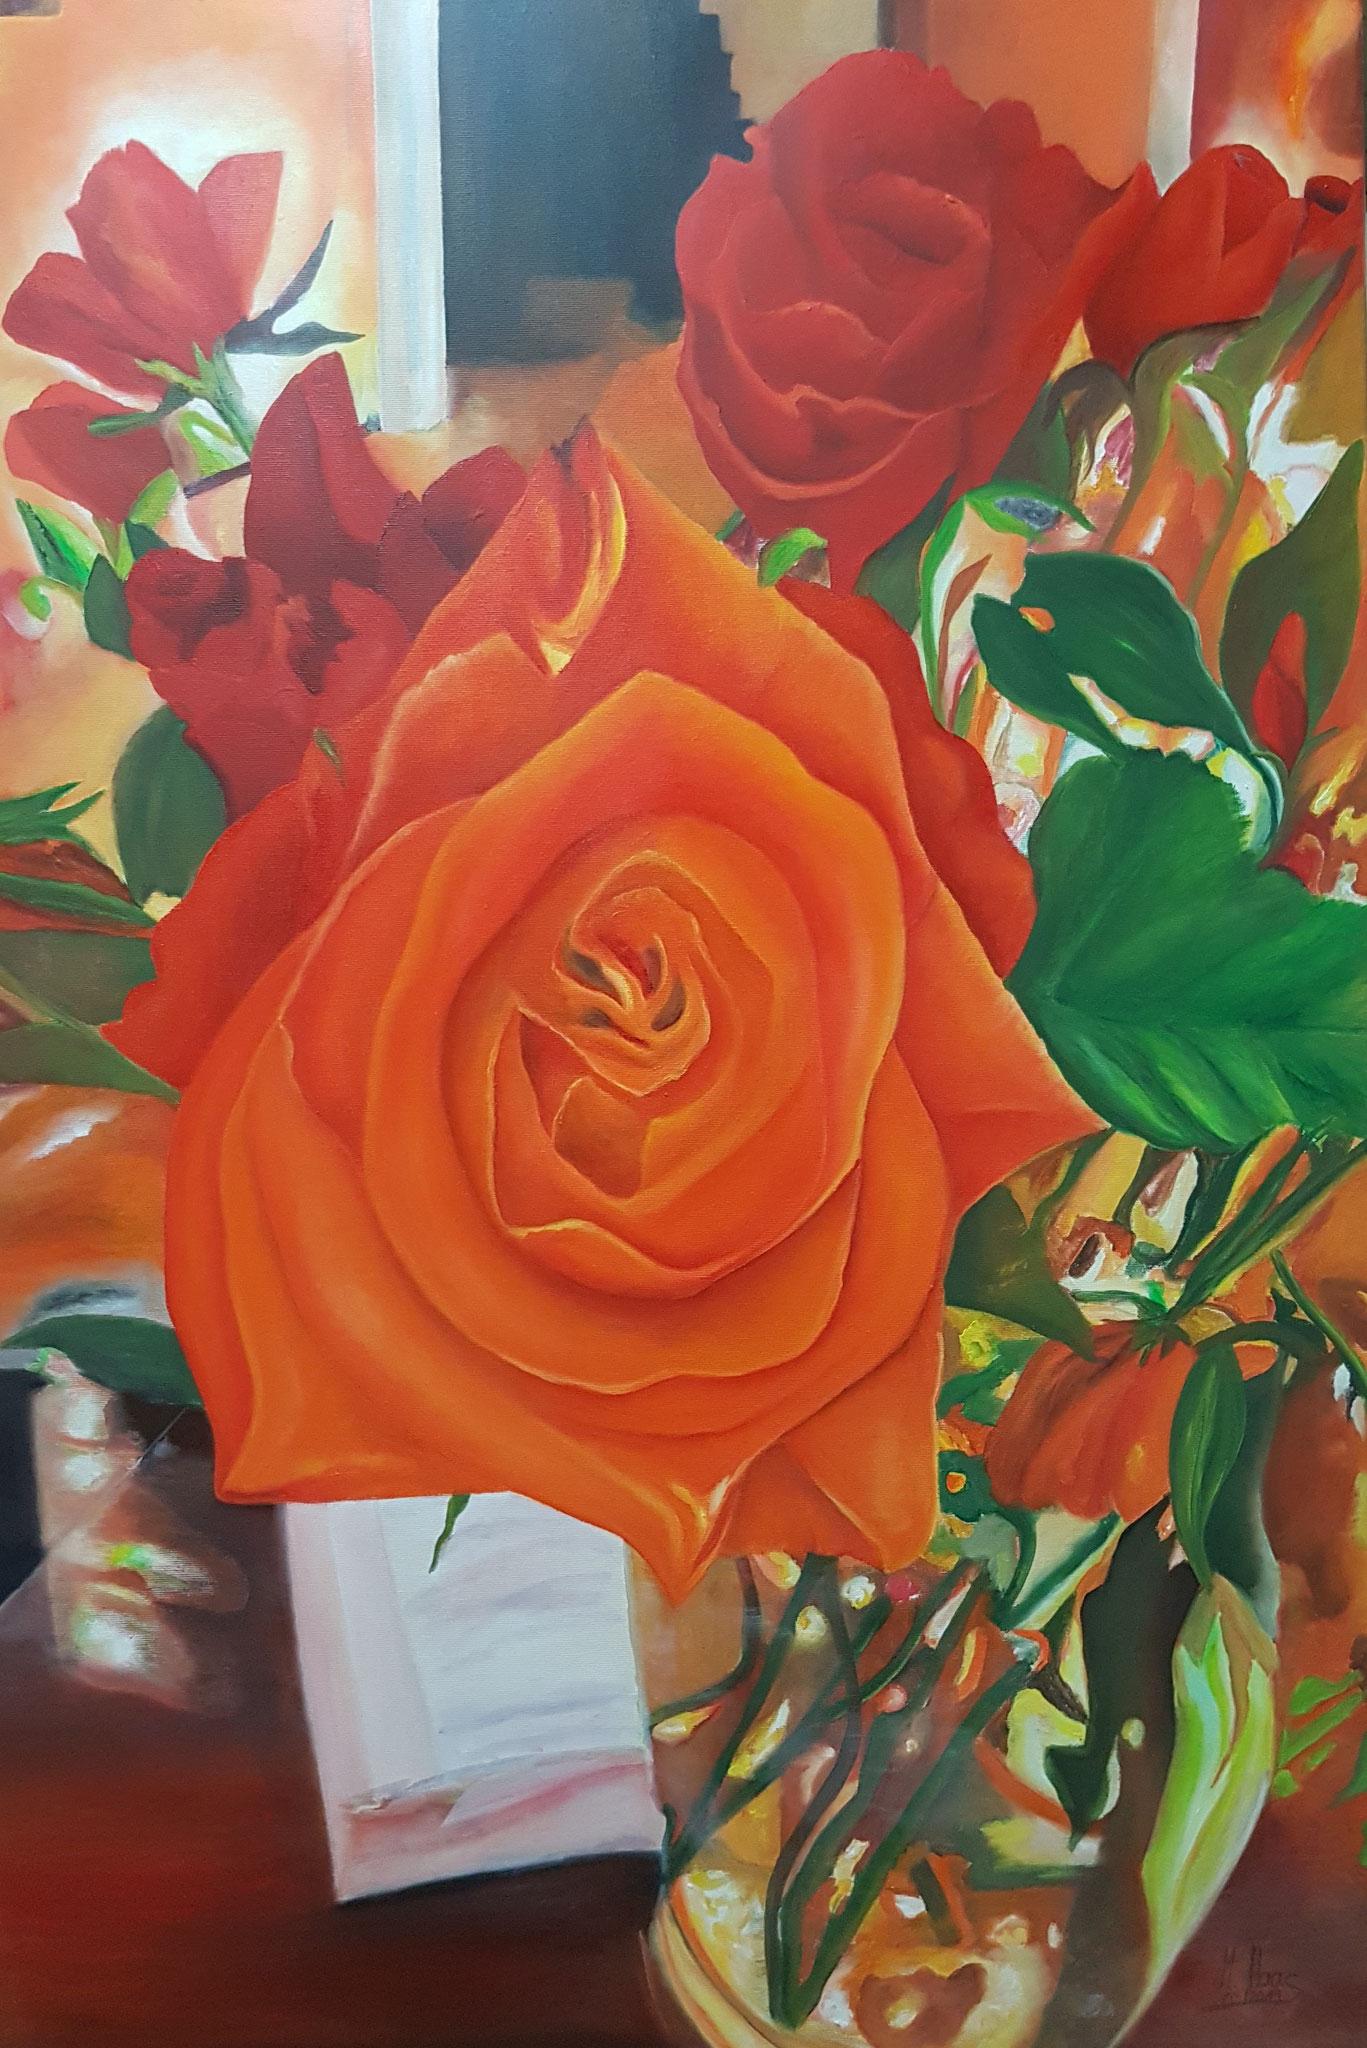 Inspired-Rosenbild-orange-rot-Stillleben-Blumenmalerei-Oelfarbe-auf-Leinwand-120x80cm-Malerei-kaufen-mieten